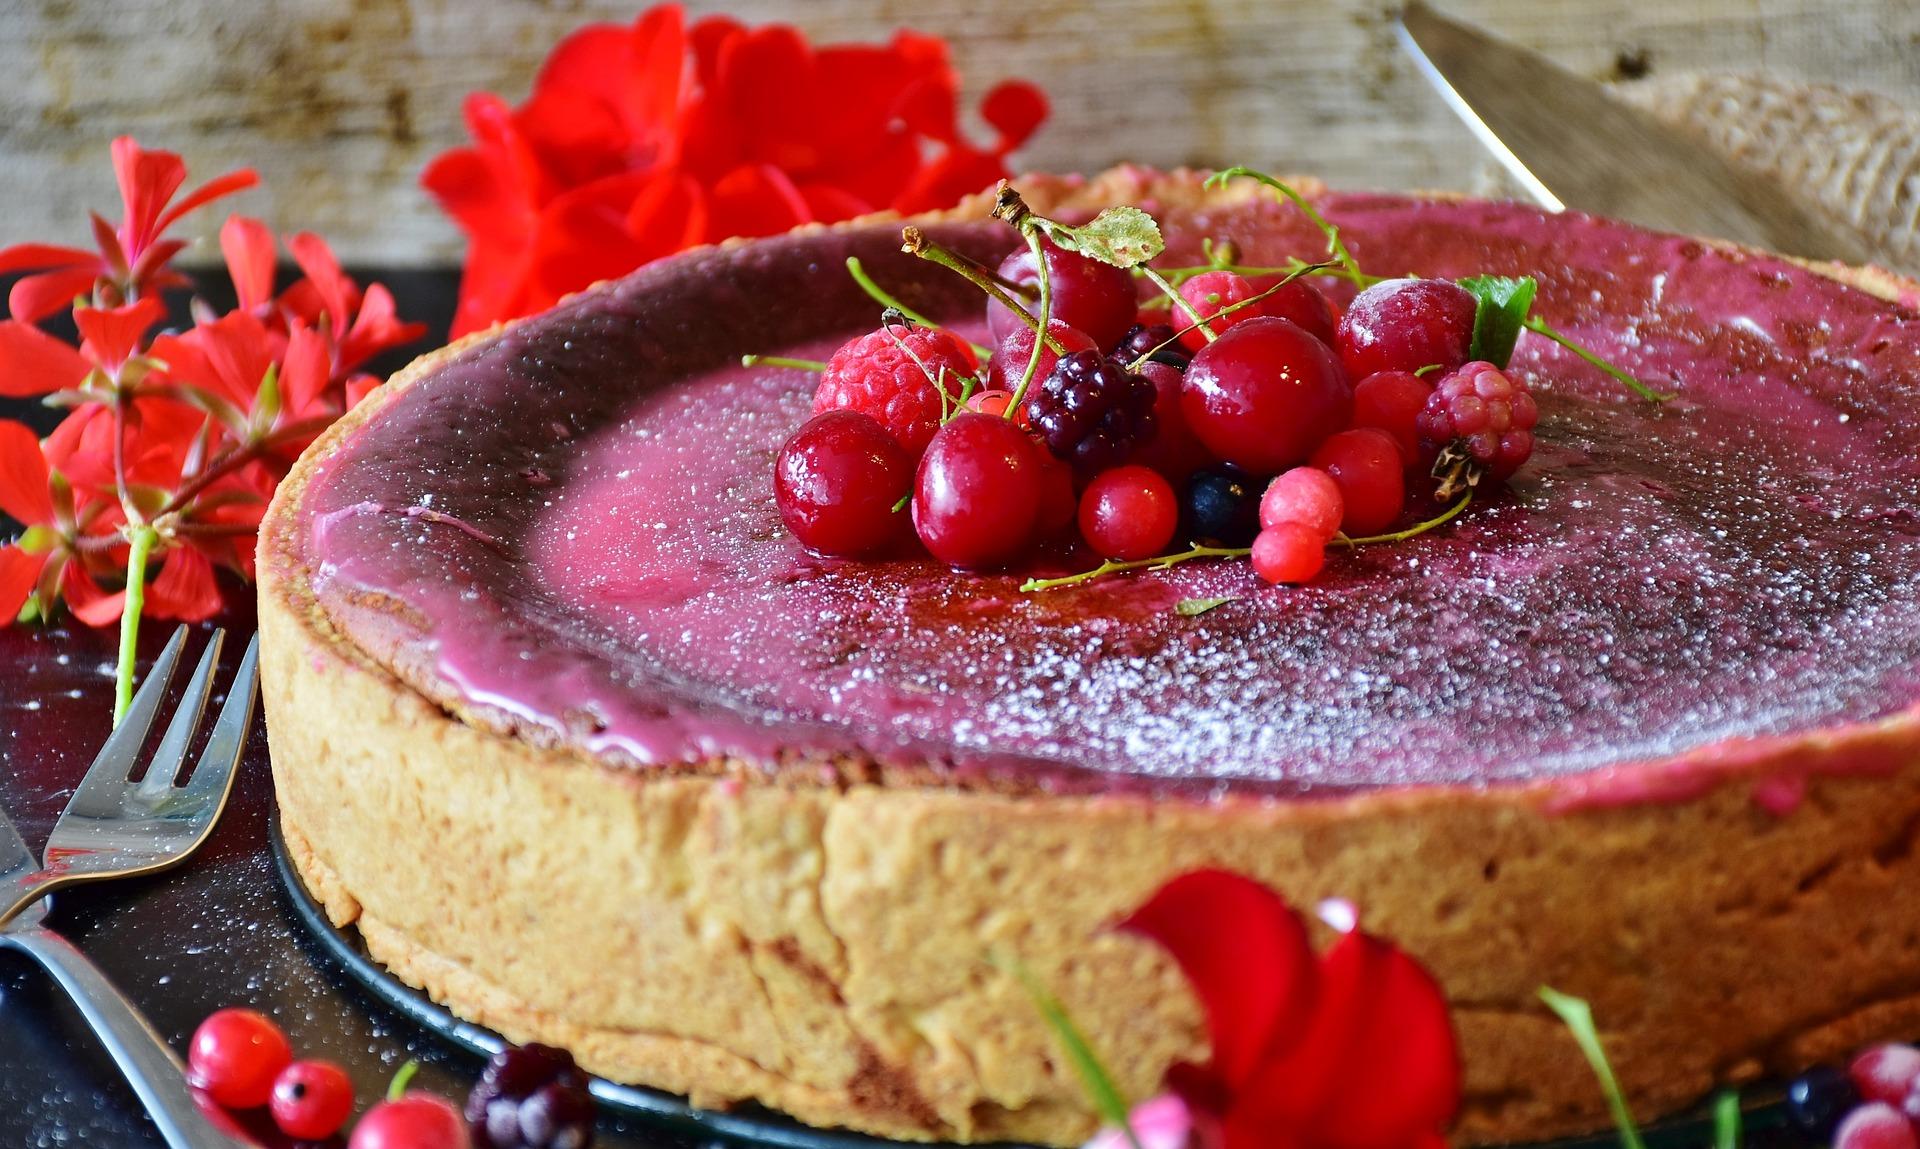 Tarta de queso con frutos rojos, la versión más conocida de esta variante pastelera